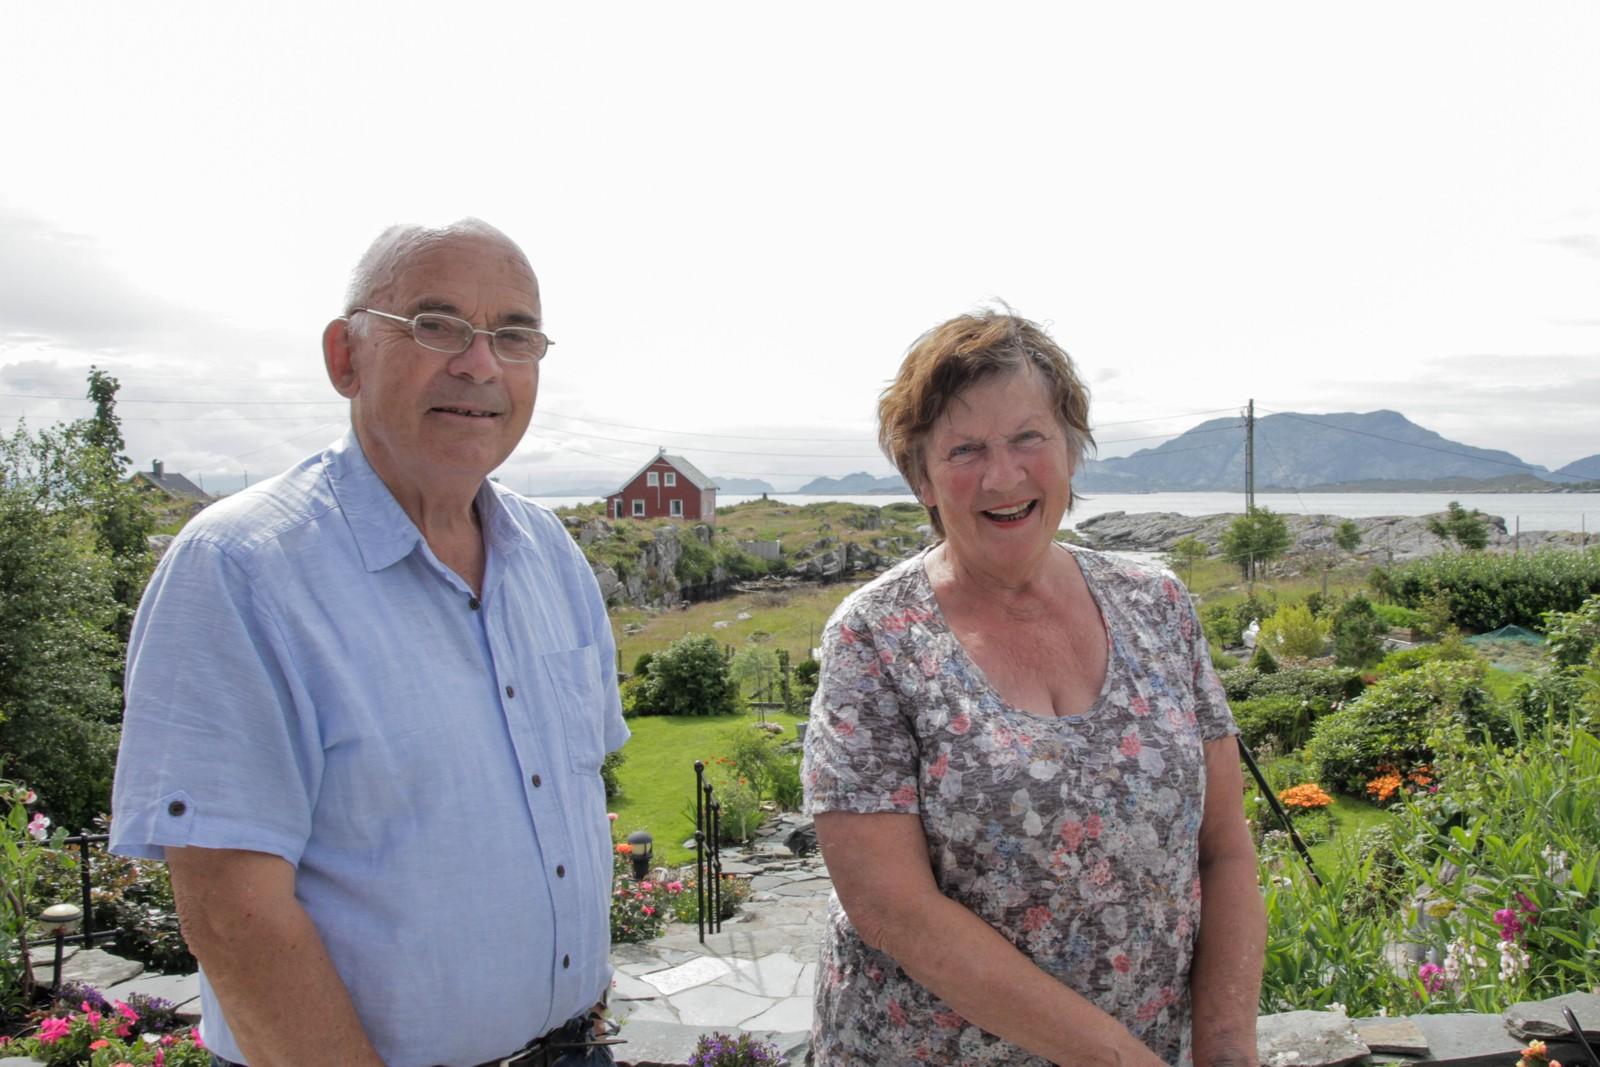 Paret deler mykje av hagen sin gjennom facebook, og gler seg over å få vise den fram.